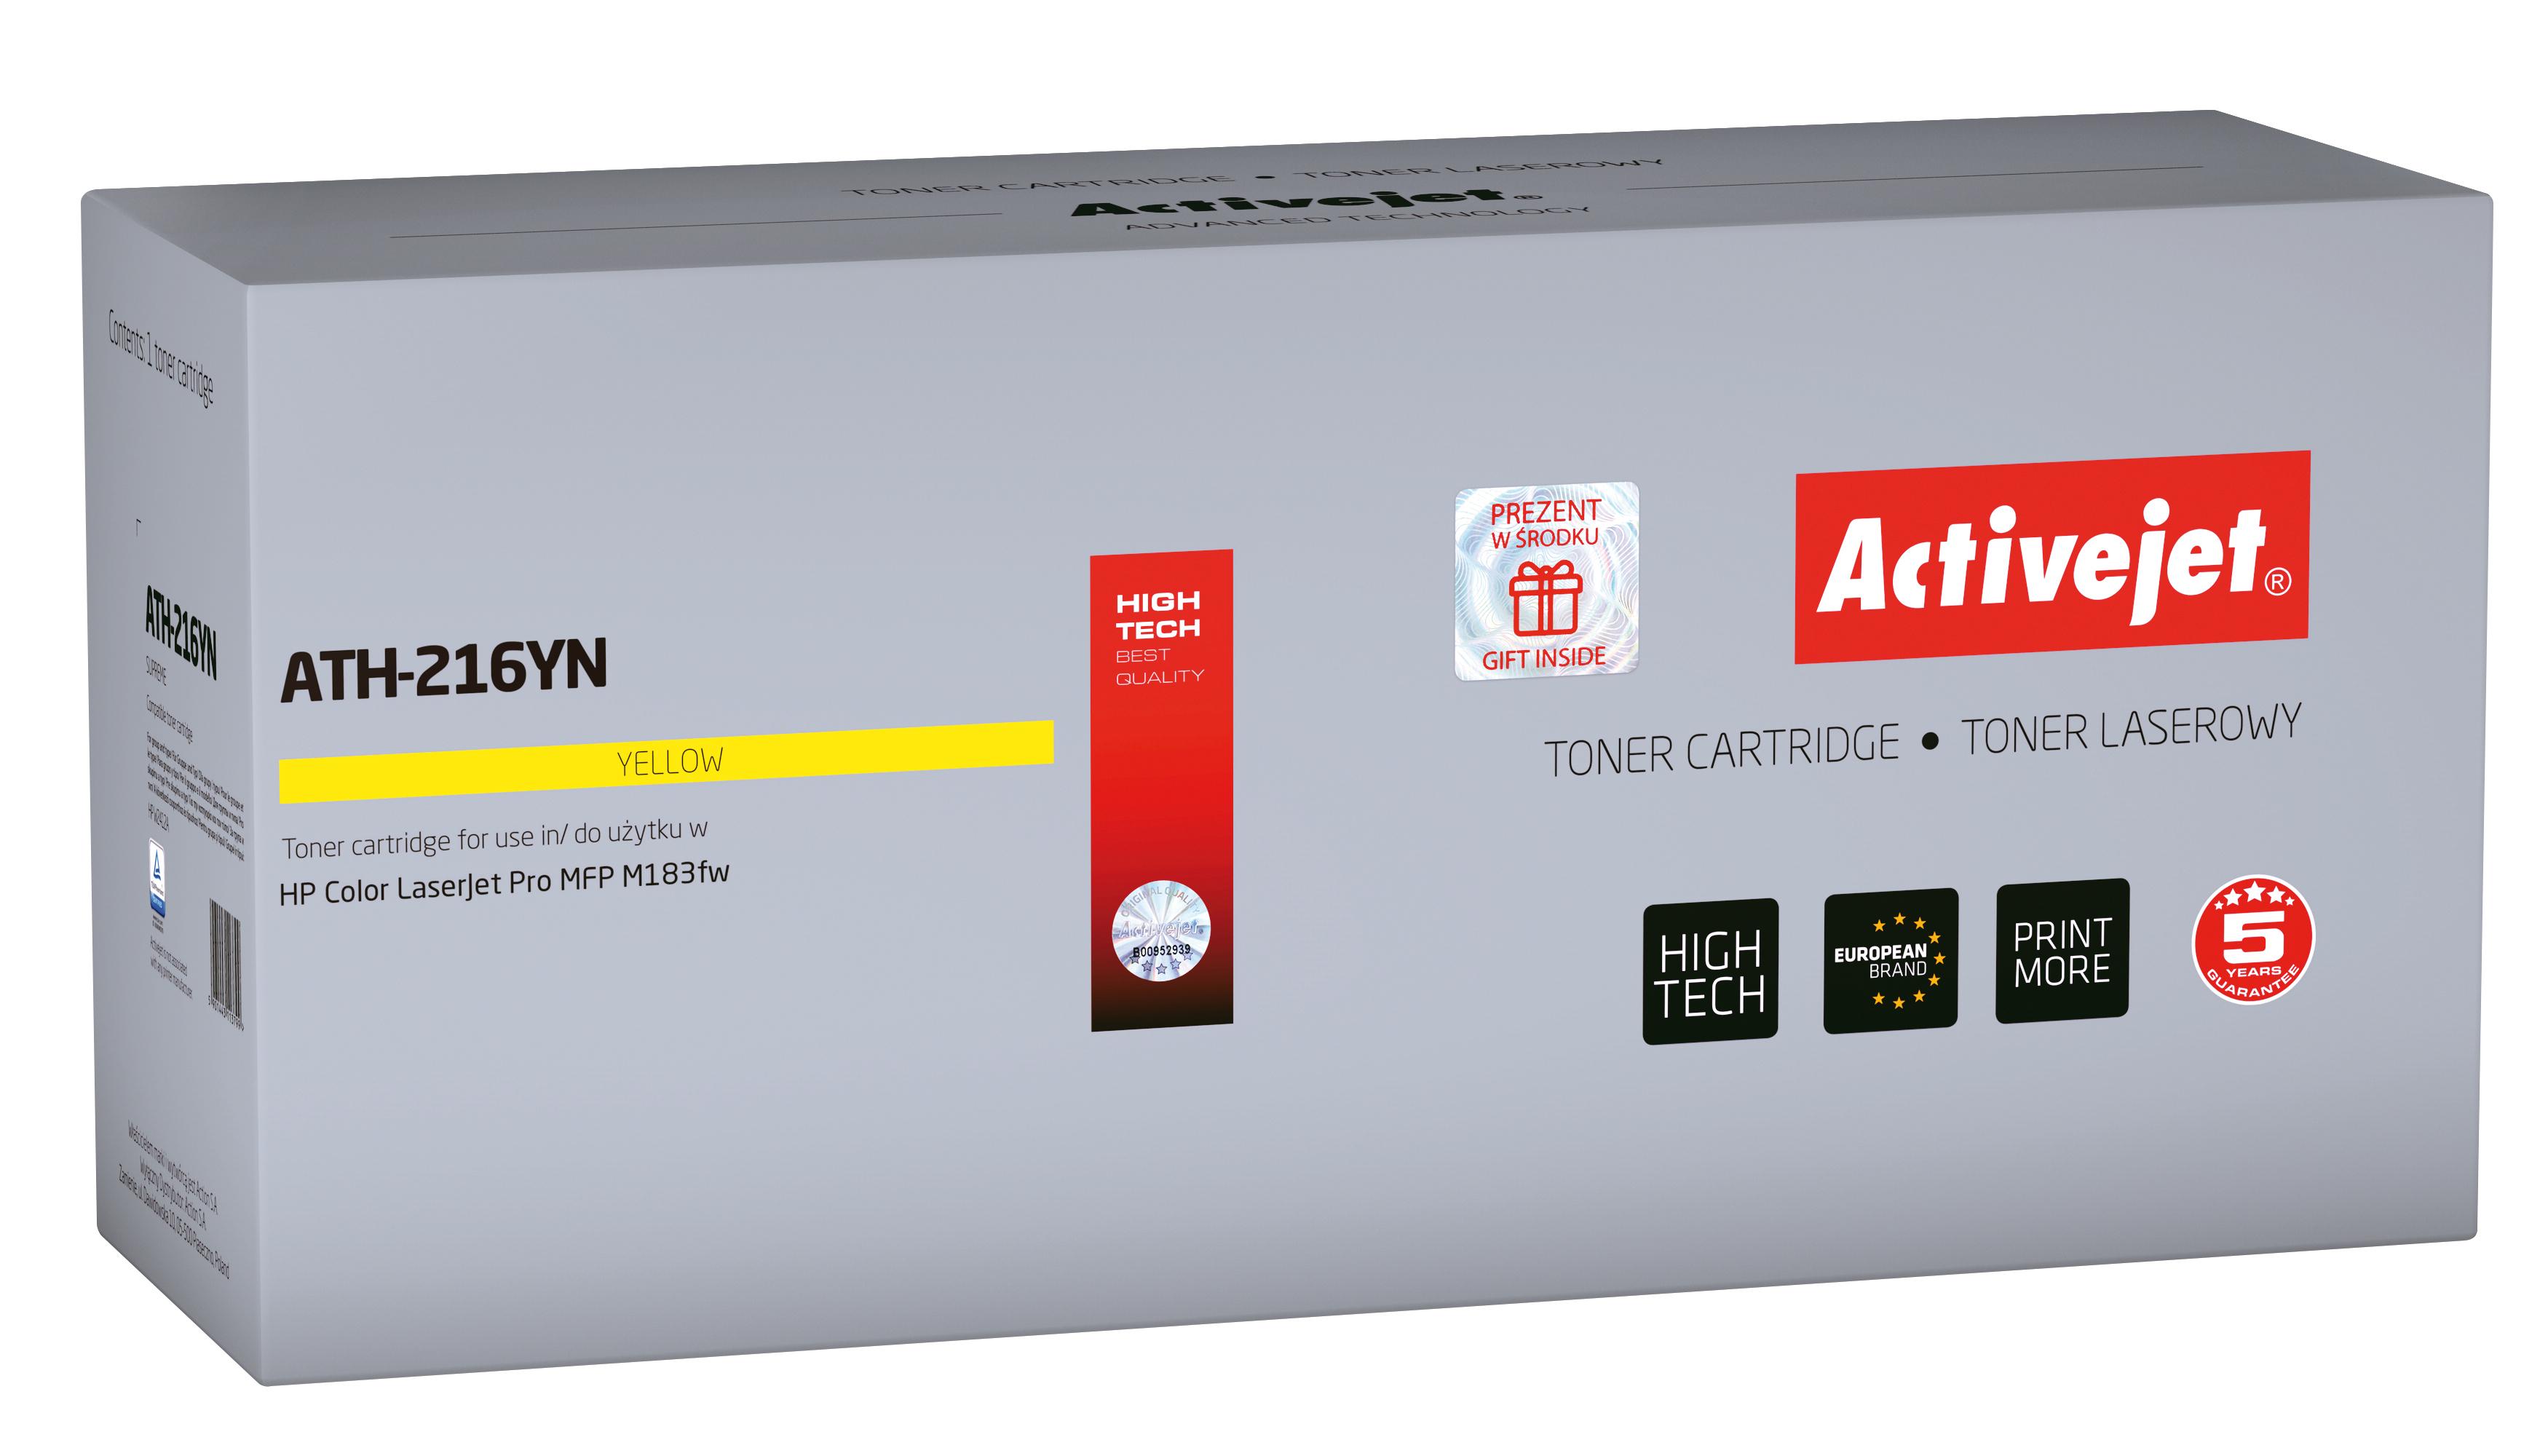 Toner Activejet  ATH-216YN do drukarki HP, Zamiennik HP 216A W2412A; Supreme; 850 stron; Żólty. Brak chipa